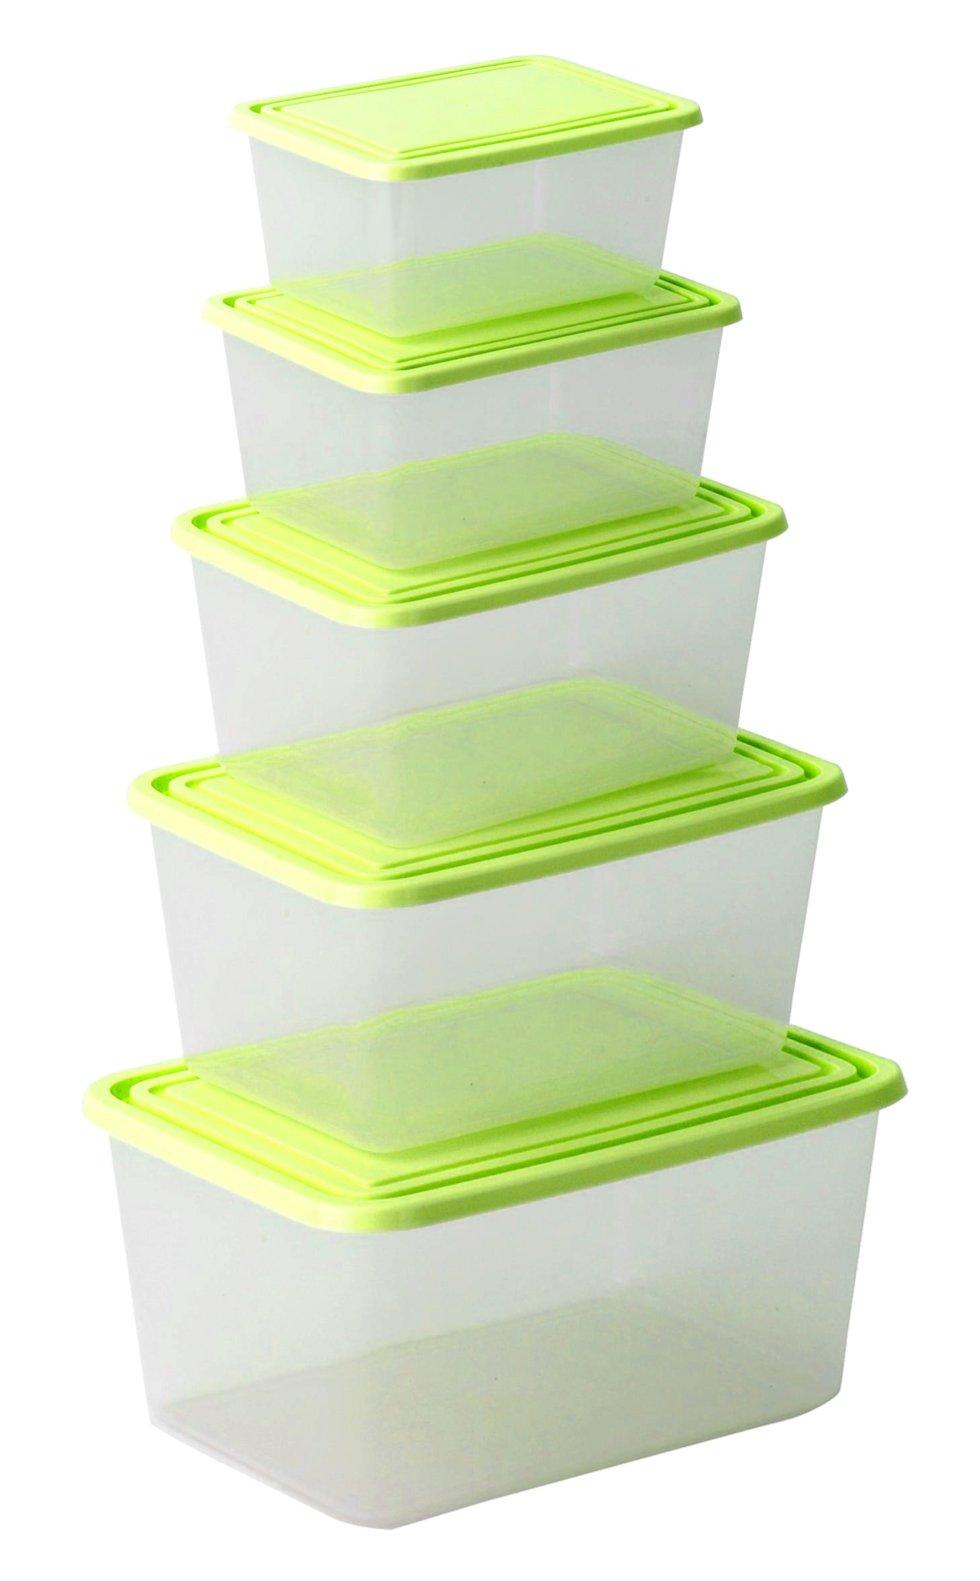 Набор контейнеров для хранения продуктов, 5 шт.